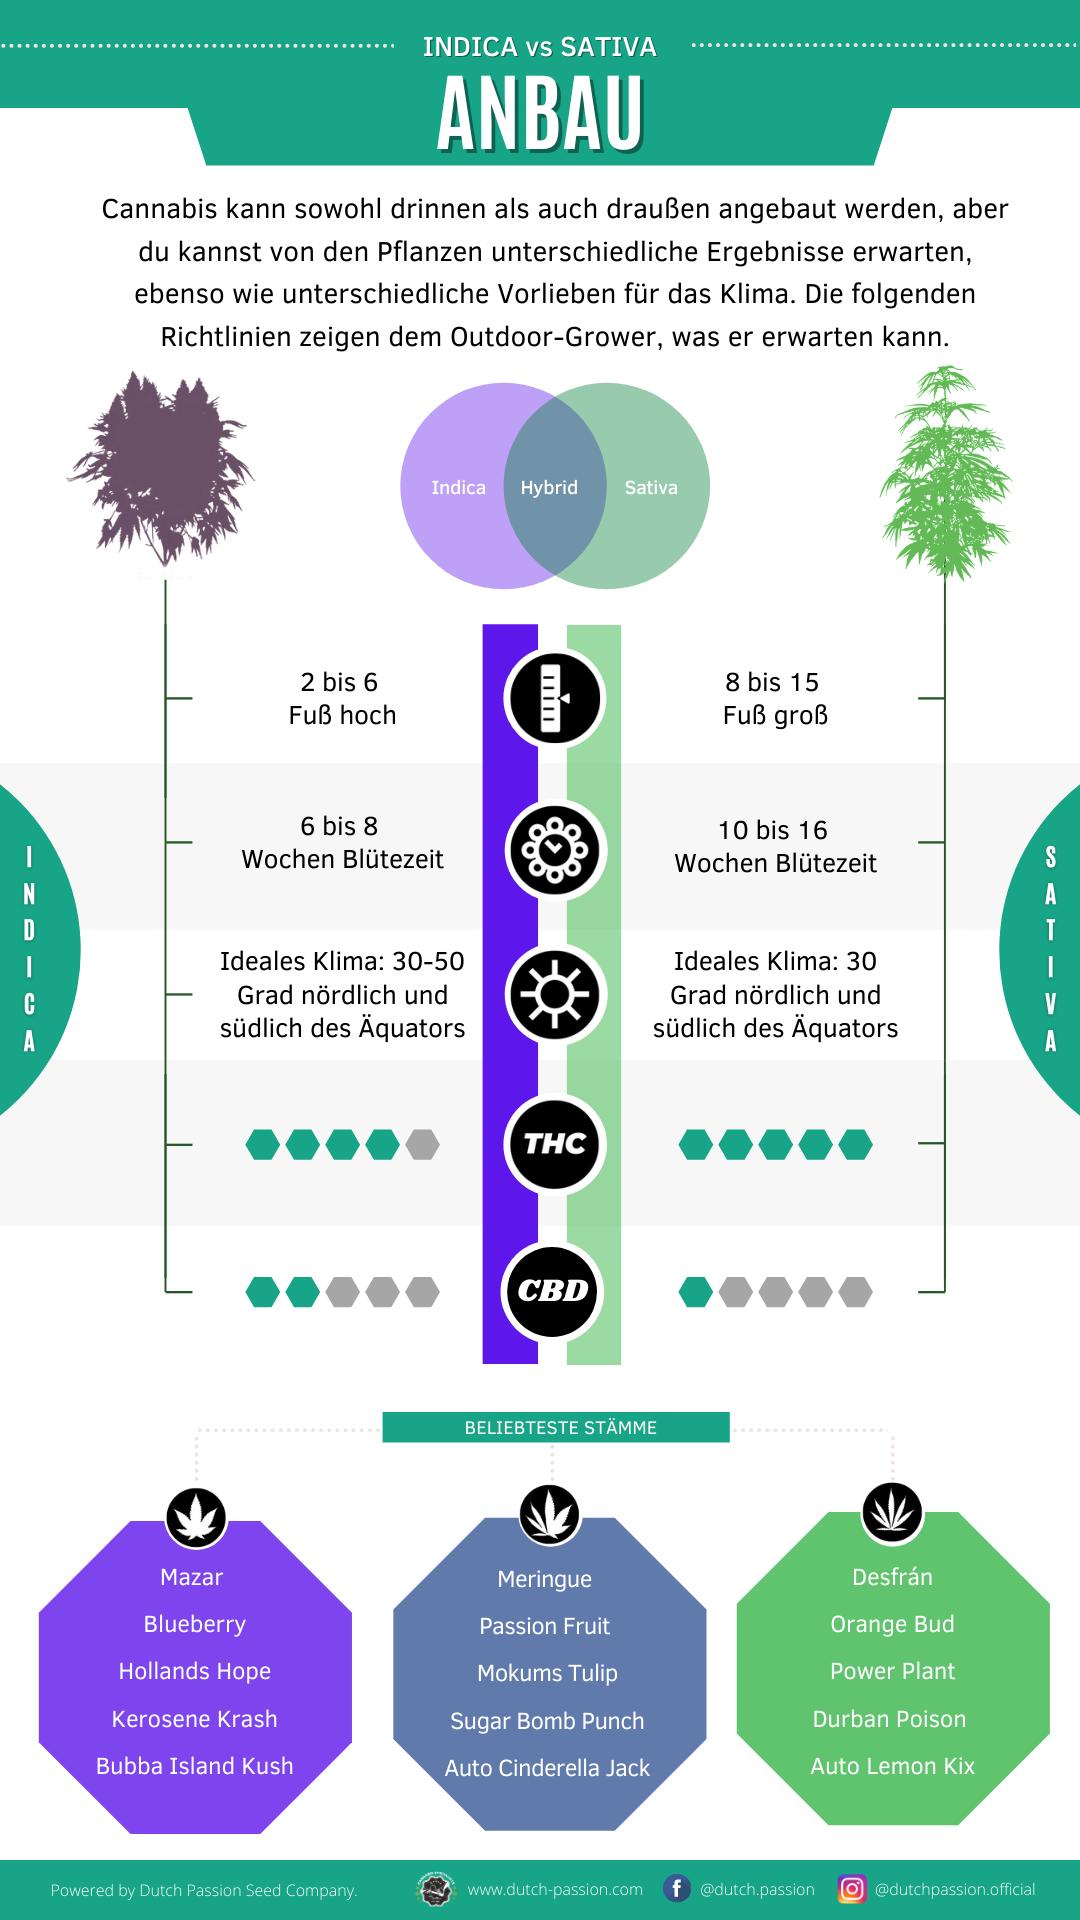 Indica vs Sativa cultivation